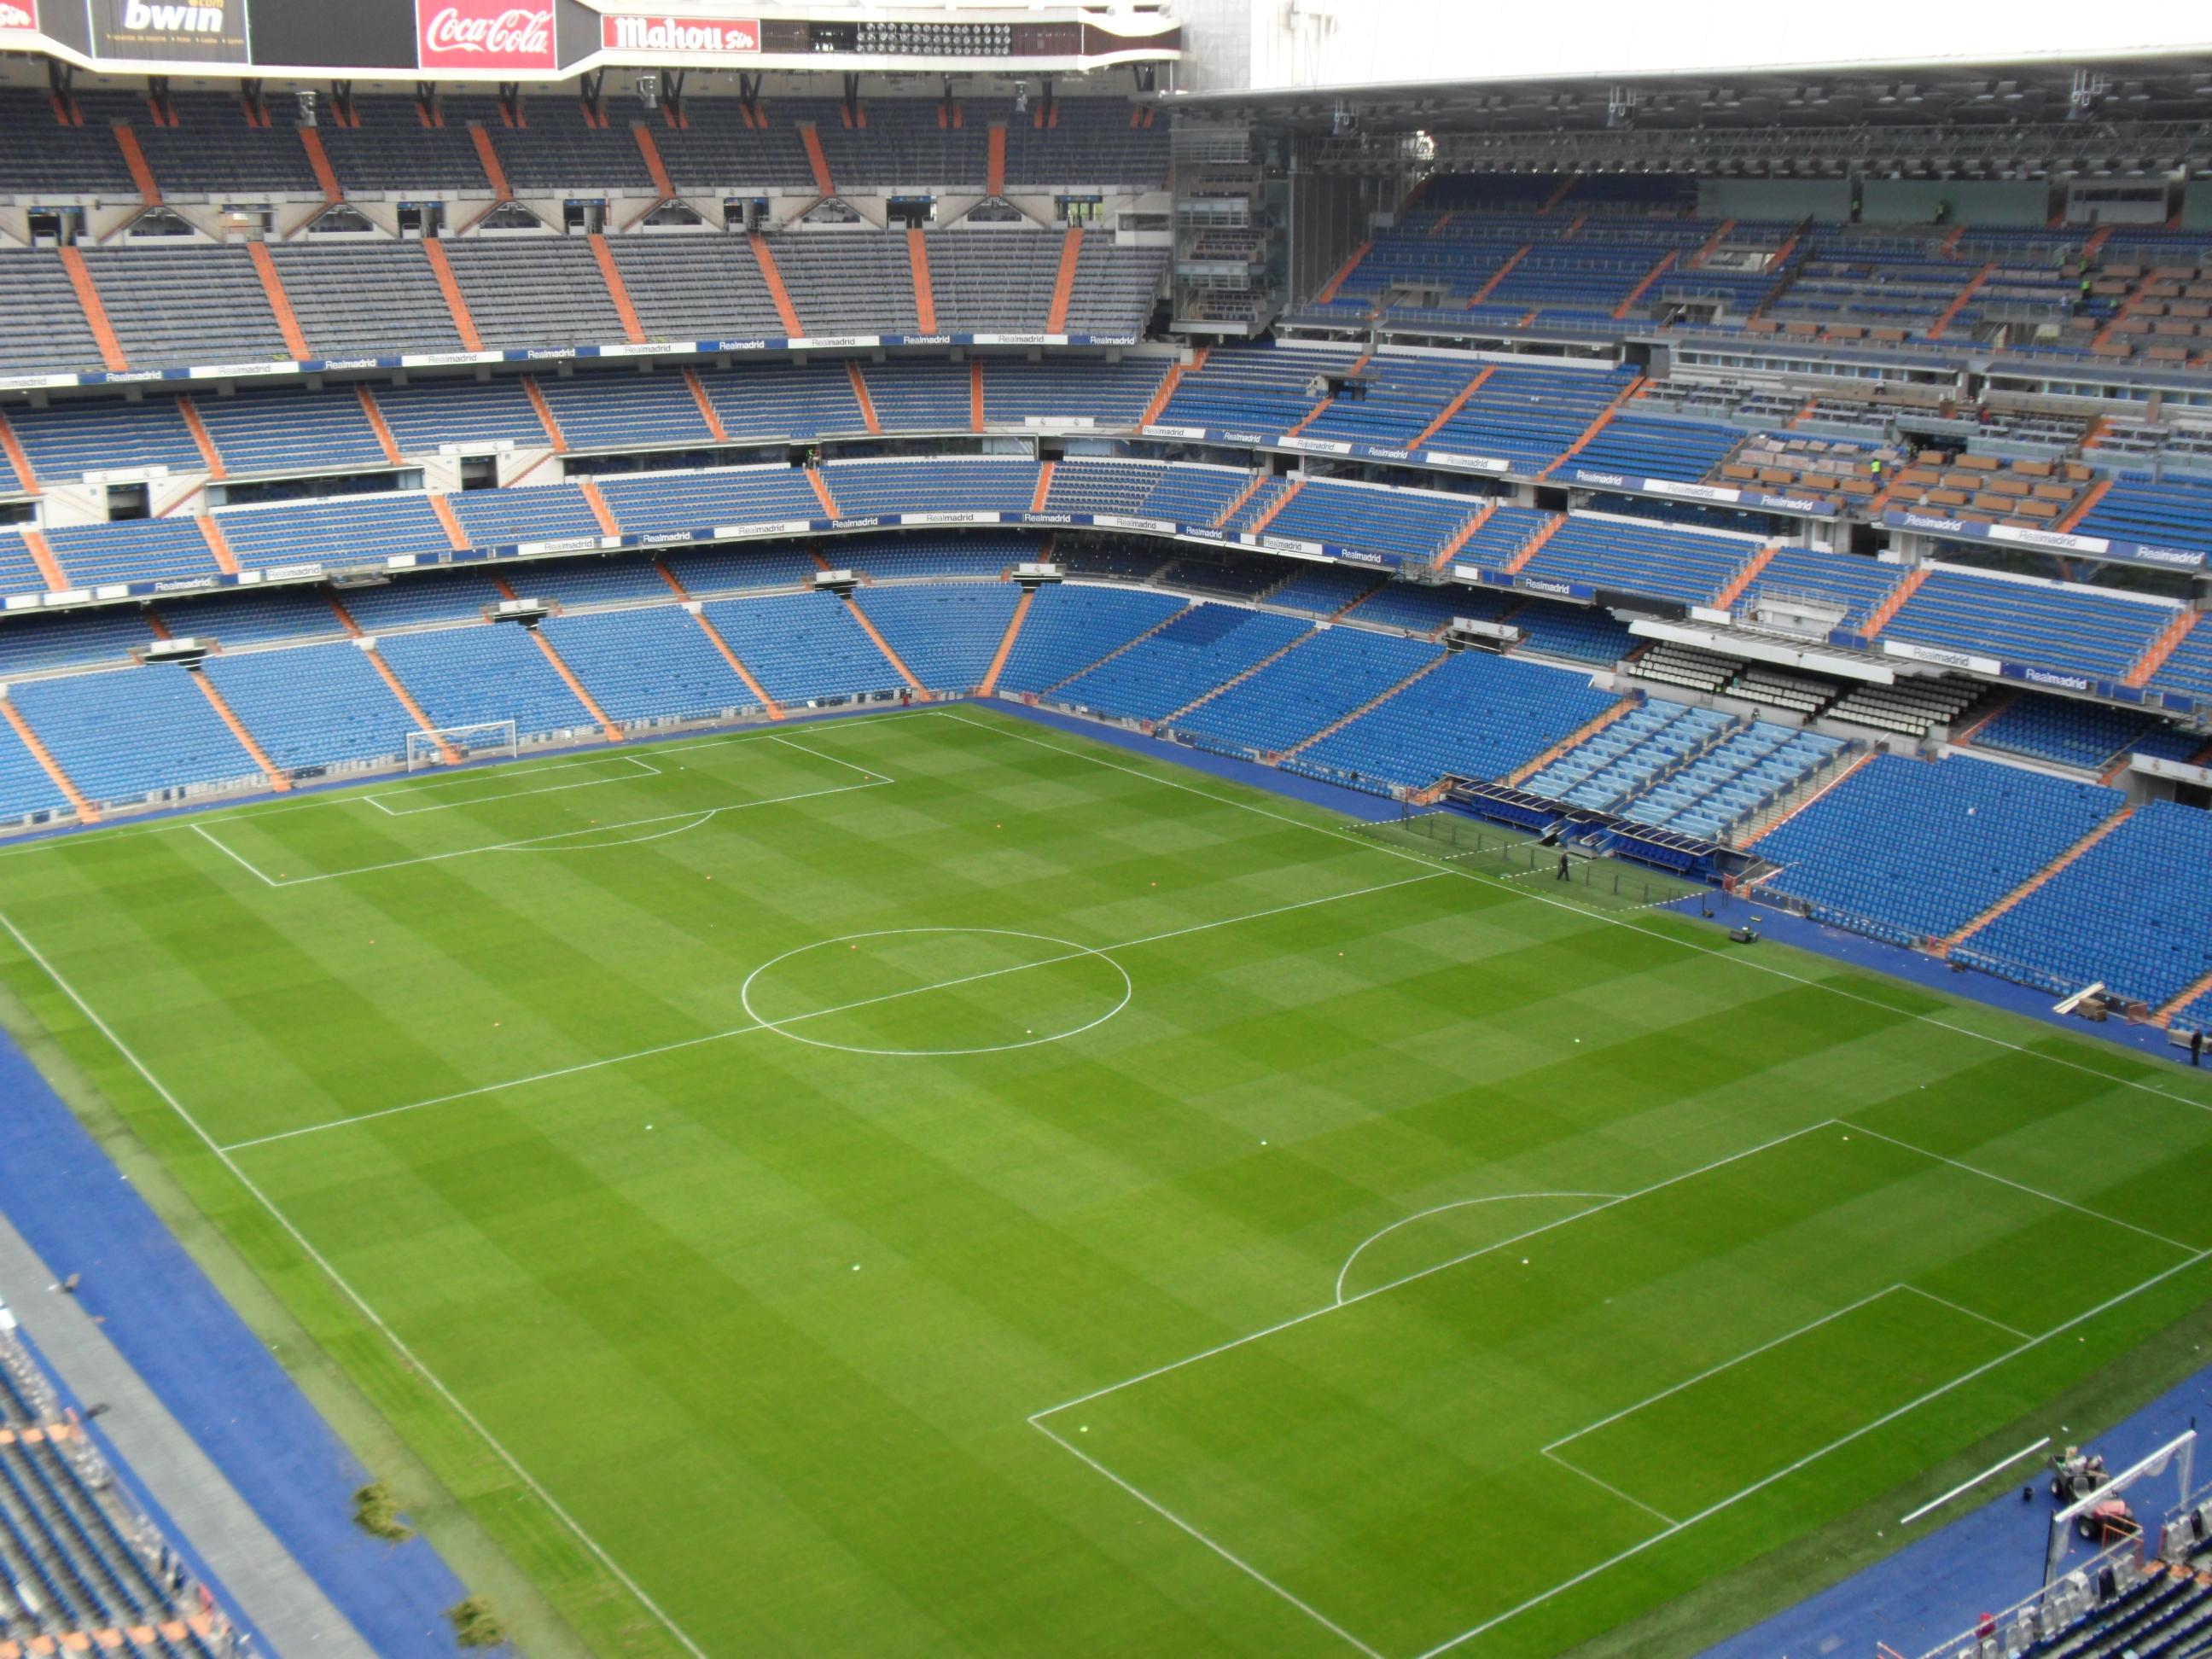 Real madrid club de f tbol est dio santiago bernab u for Puerta 38 santiago bernabeu